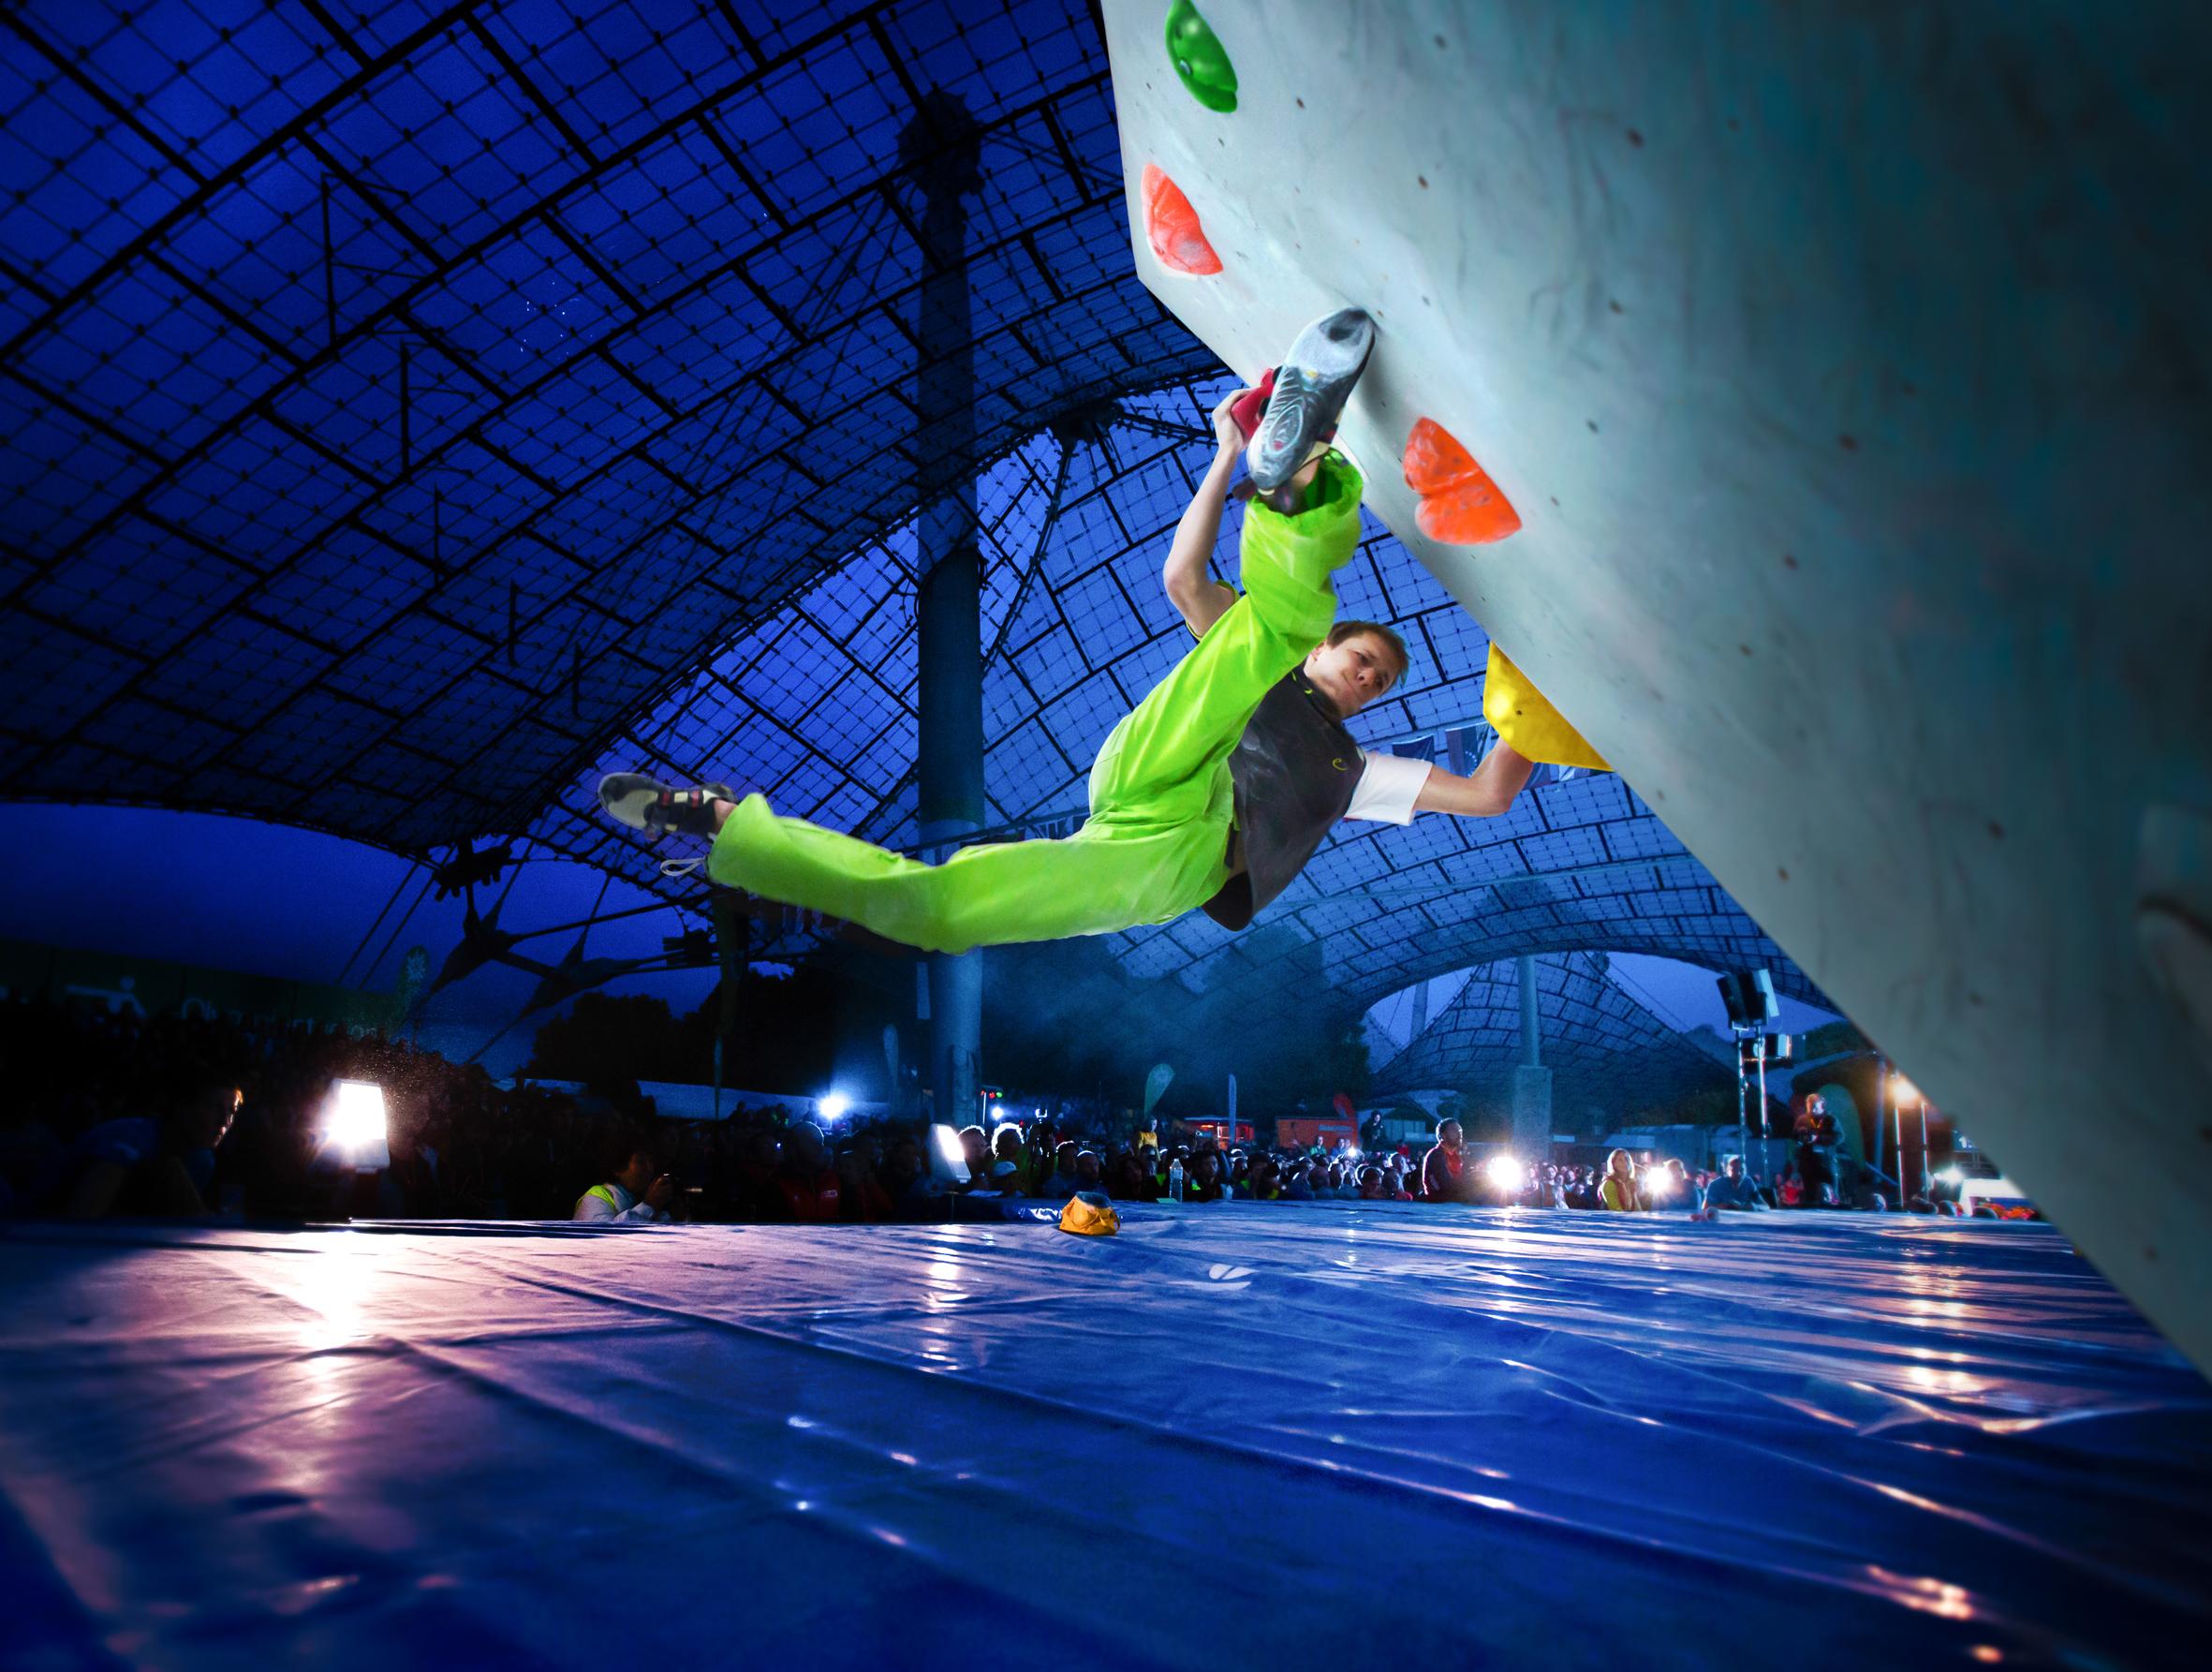 Gewinnspiel zum Boulderweltcup 2015 in München